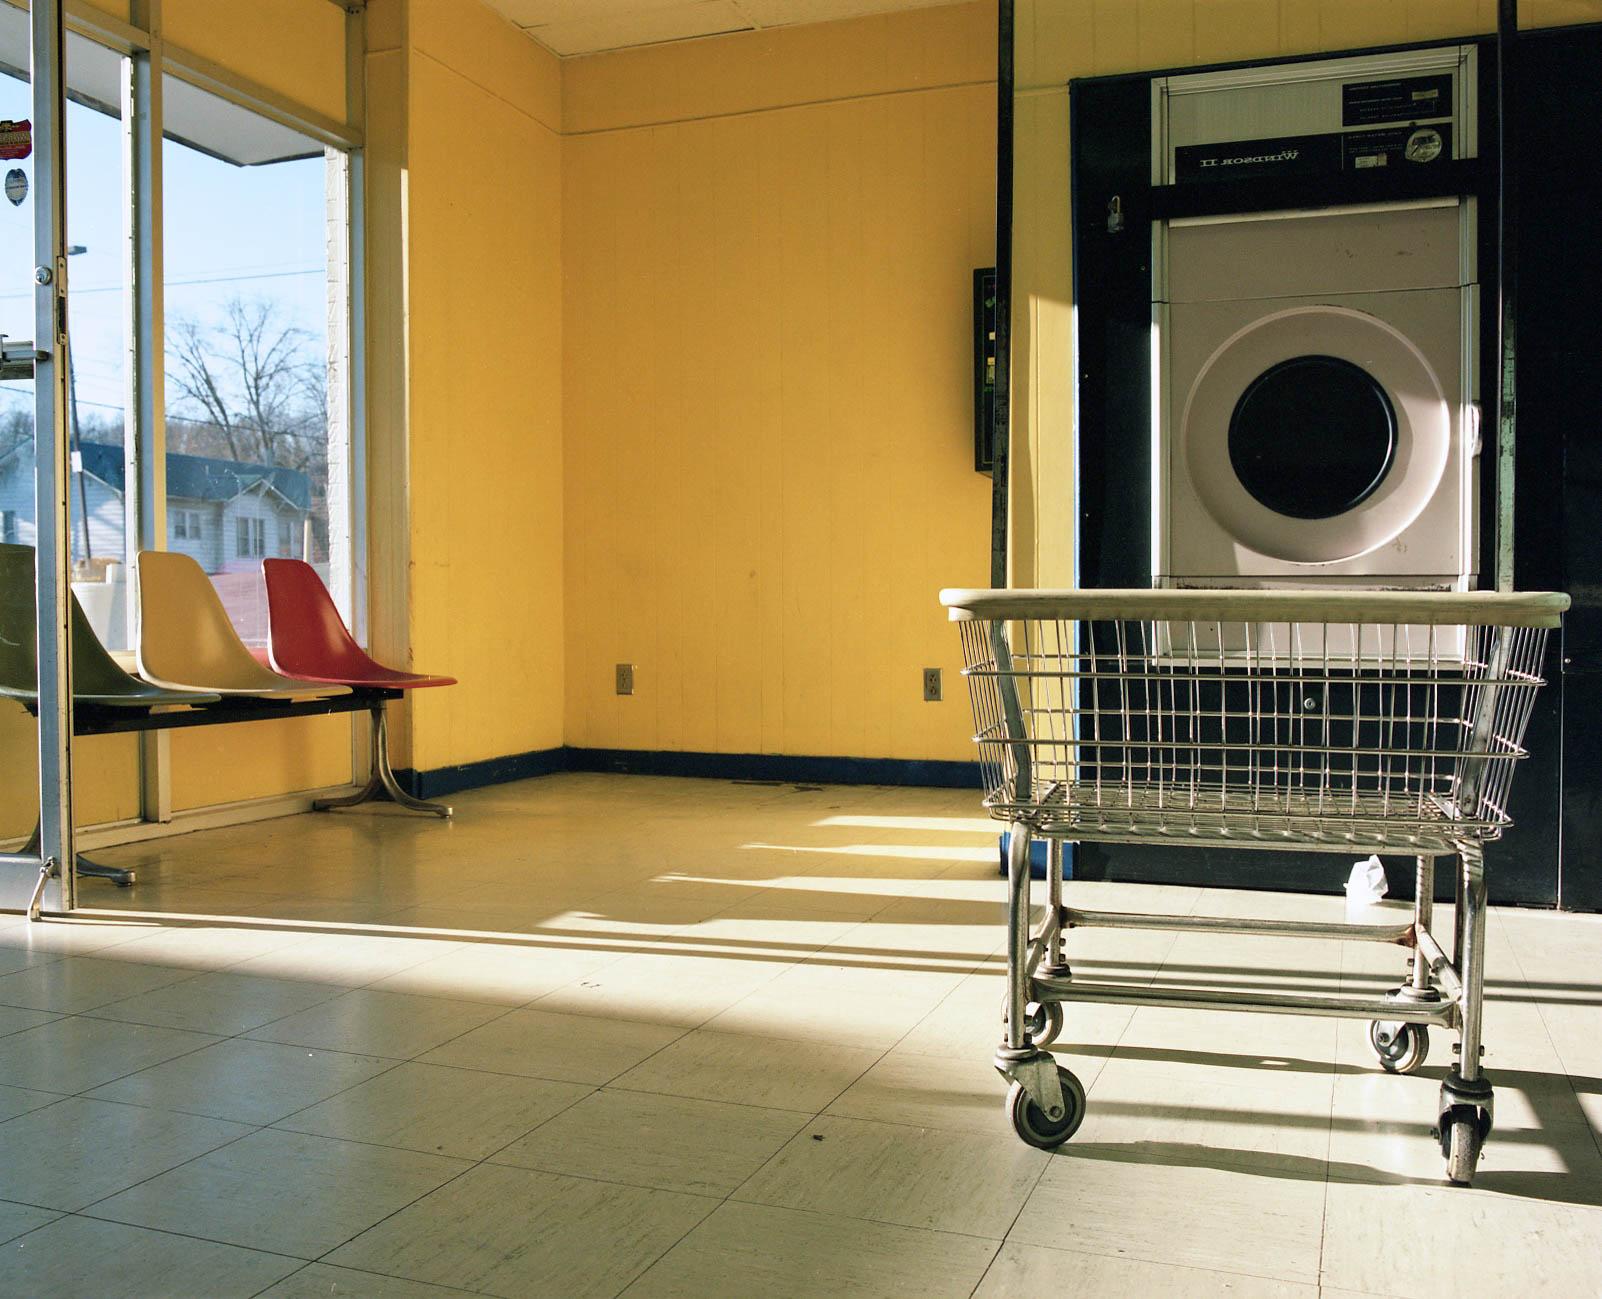 Laundry, Johnson City, TN. 2014.